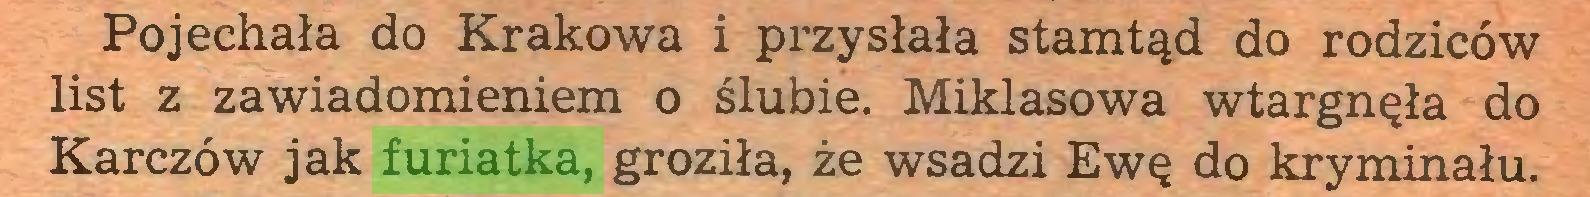 (...) Pojechała do Krakowa i przysłała stamtąd do rodziców list z zawiadomieniem o ślubie. Miklasowa wtargnęła do Karczów jak furiatka, groziła, że wsadzi Ewę do kryminału...